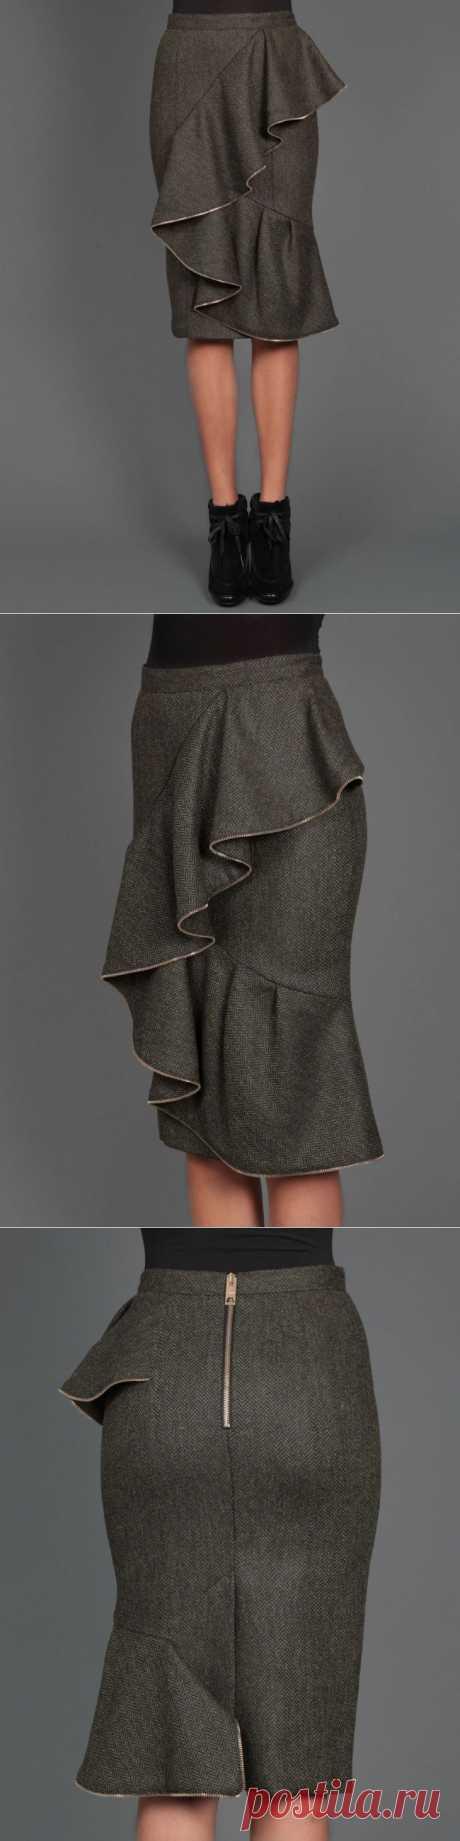 Юбка Burberry с декором из молнии / Декор / Модный сайт о стильной переделке одежды и интерьера